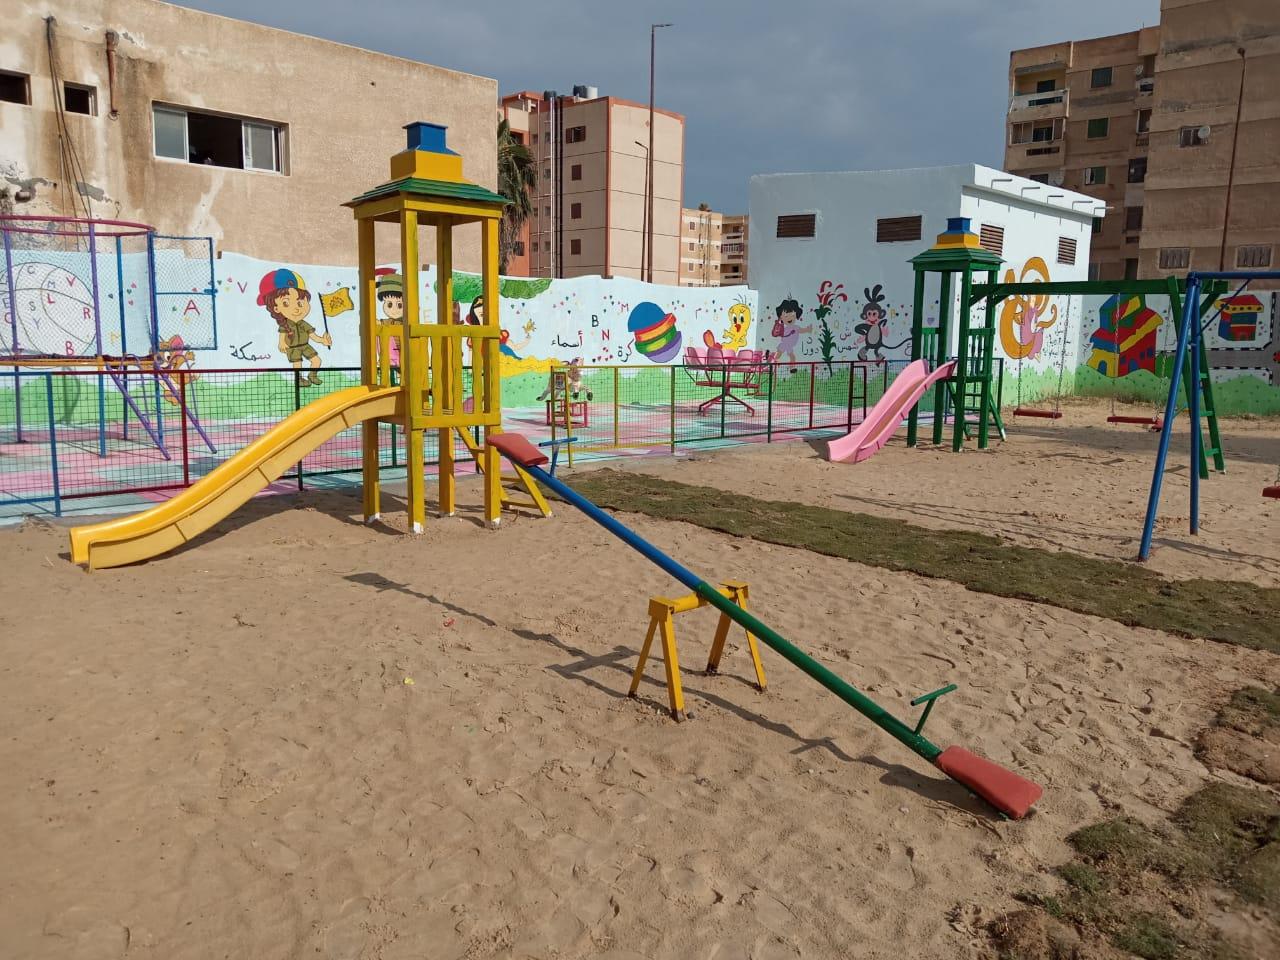 شوشة يفتتح حديقة ملاهي للطفل بمدرسة الشهيد مصطفي جاويش بالعريش (9)